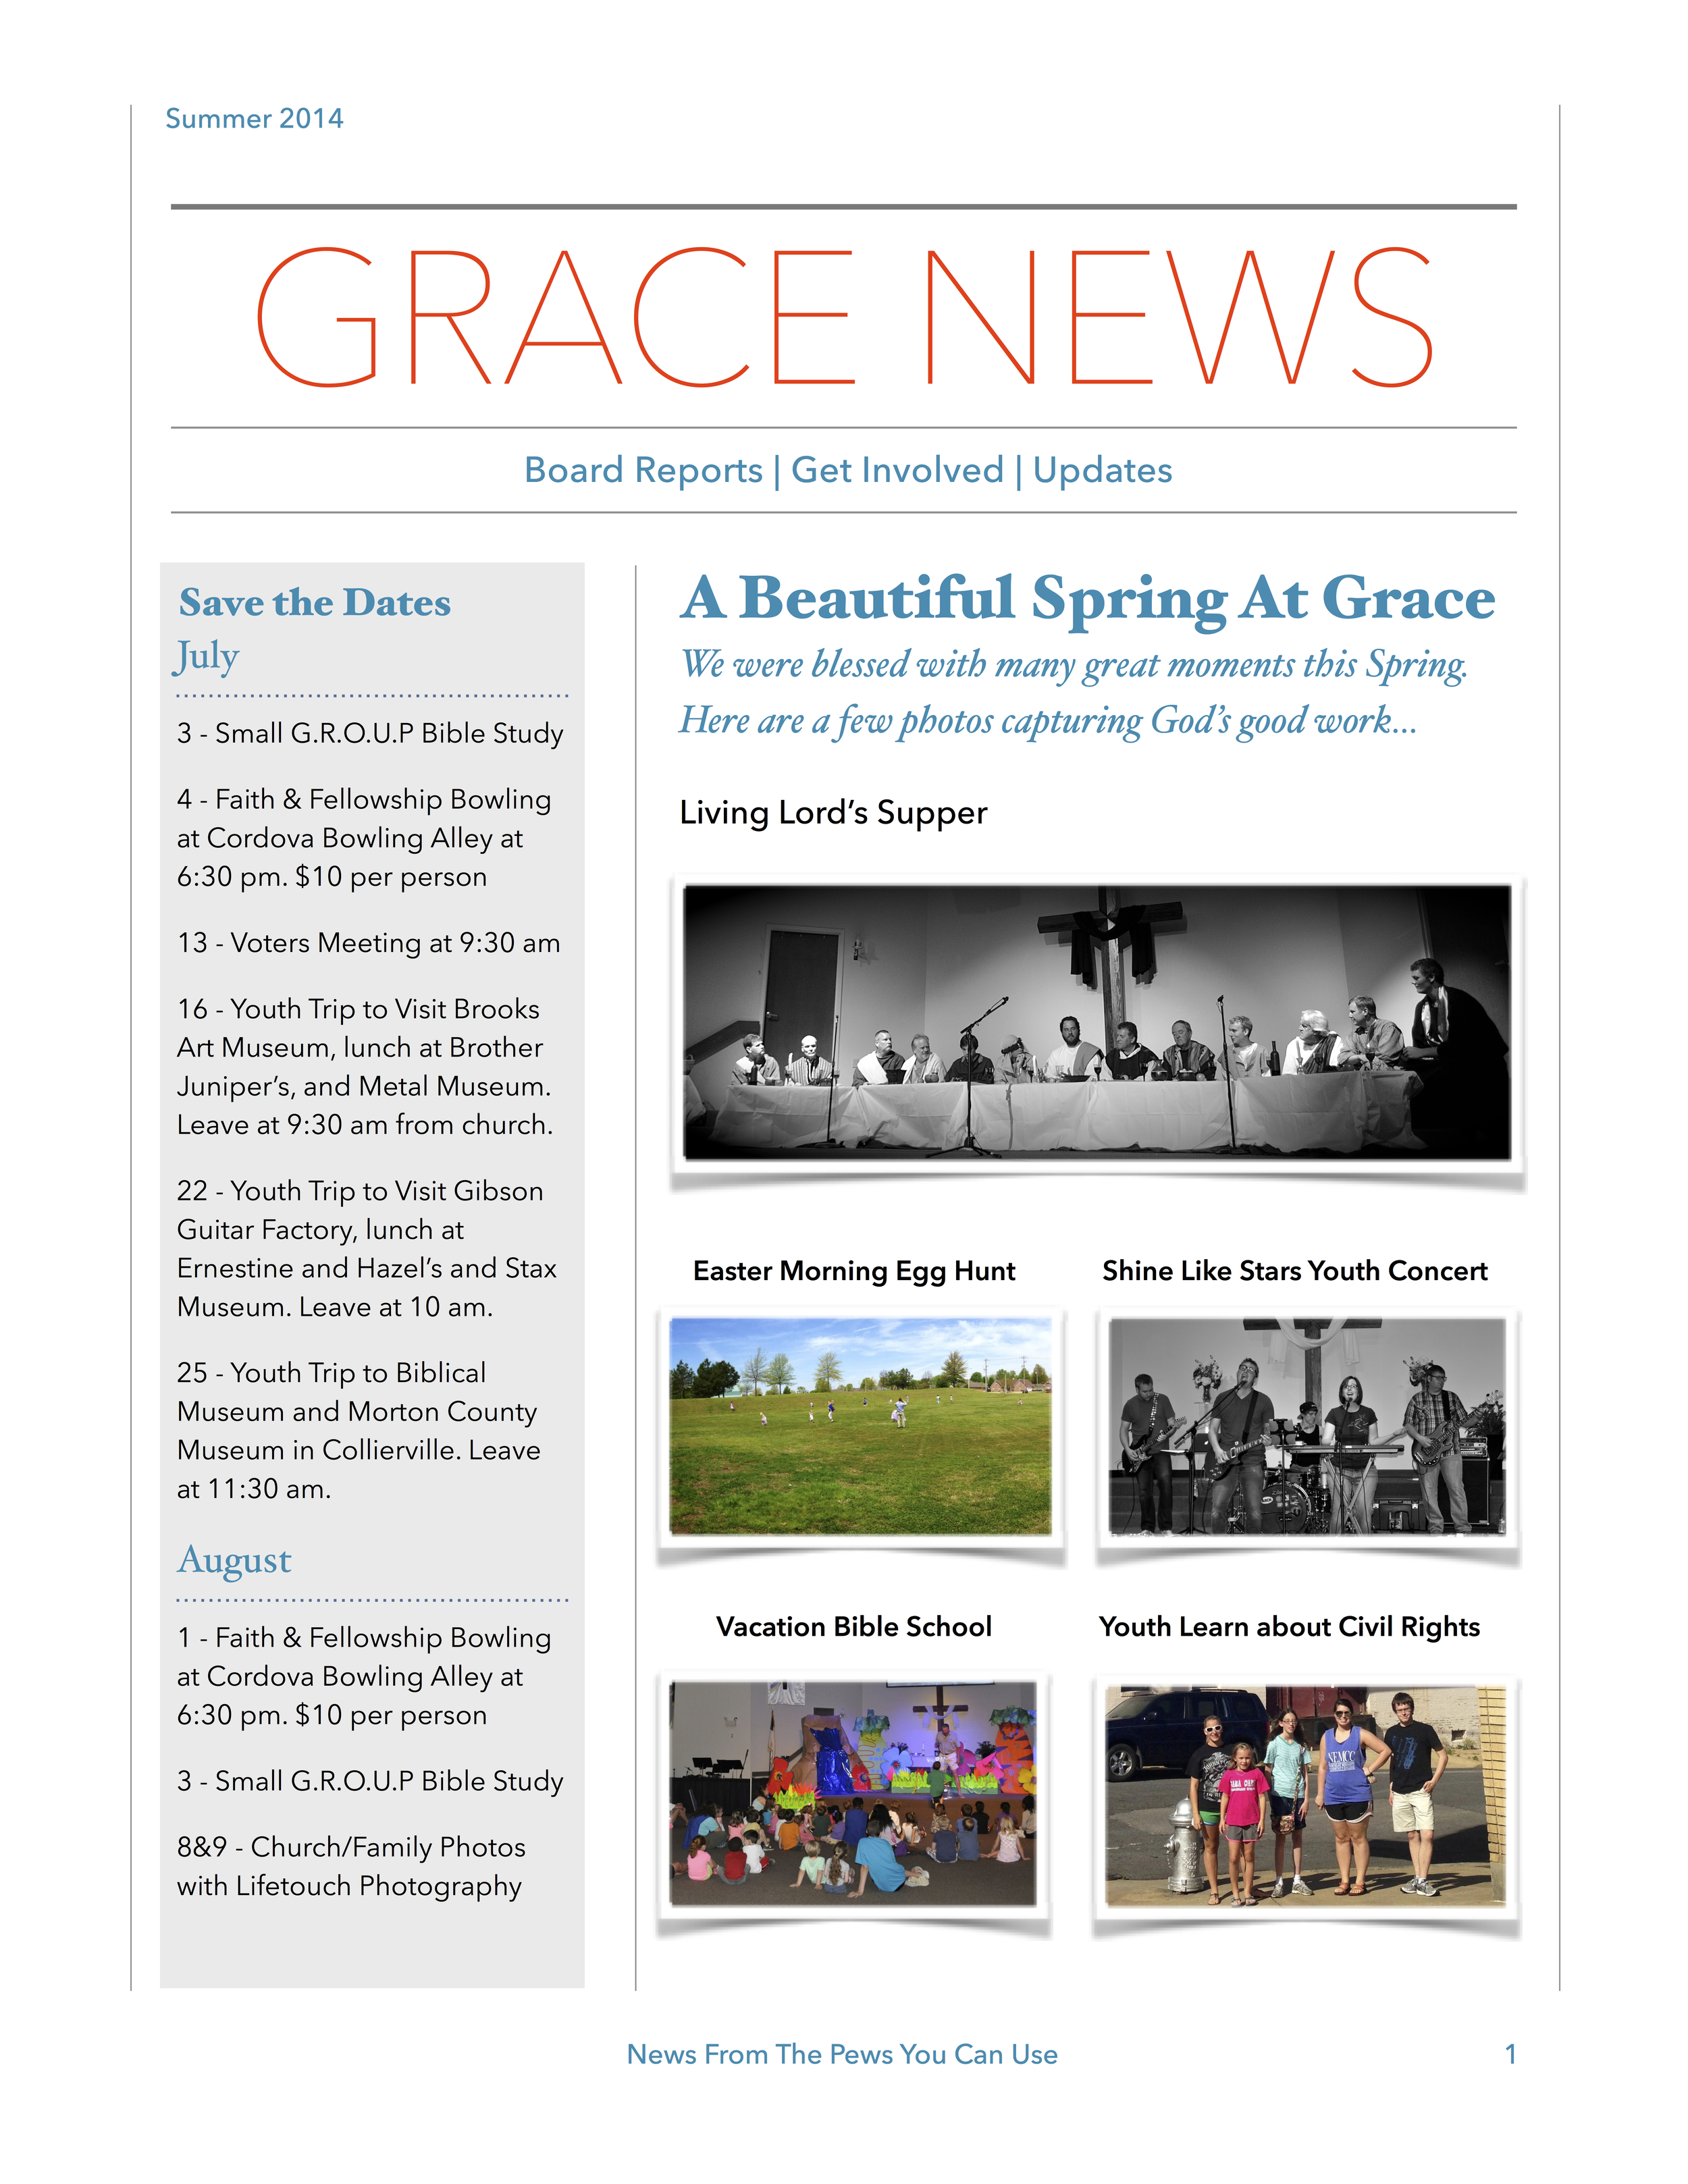 Summer 2014 - Grace News